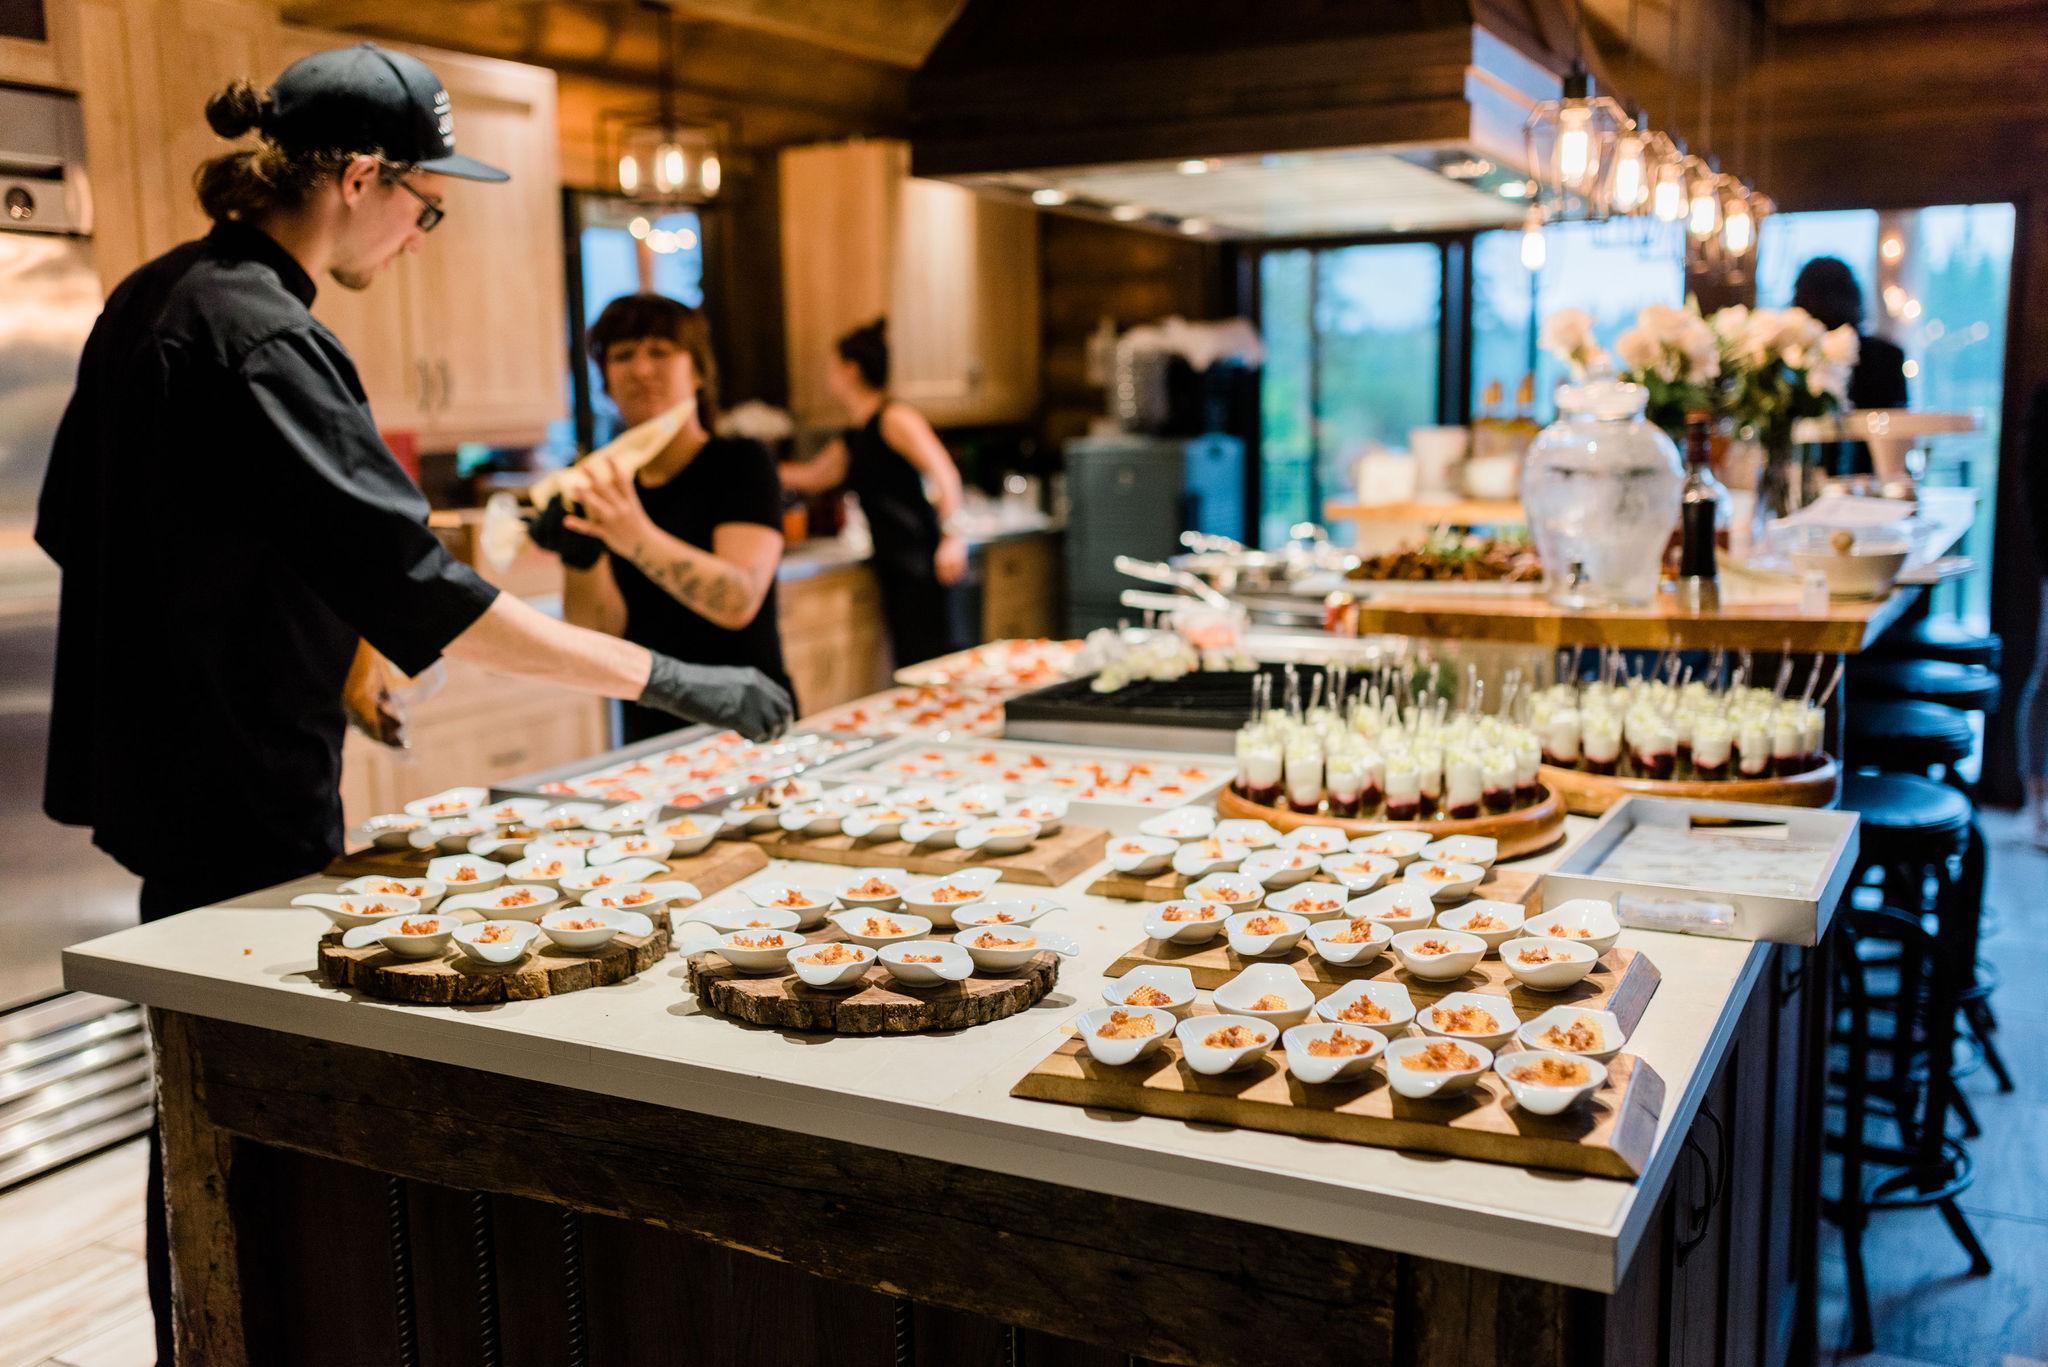 Les chefs à l'oeuvre dans la confection de bouchées